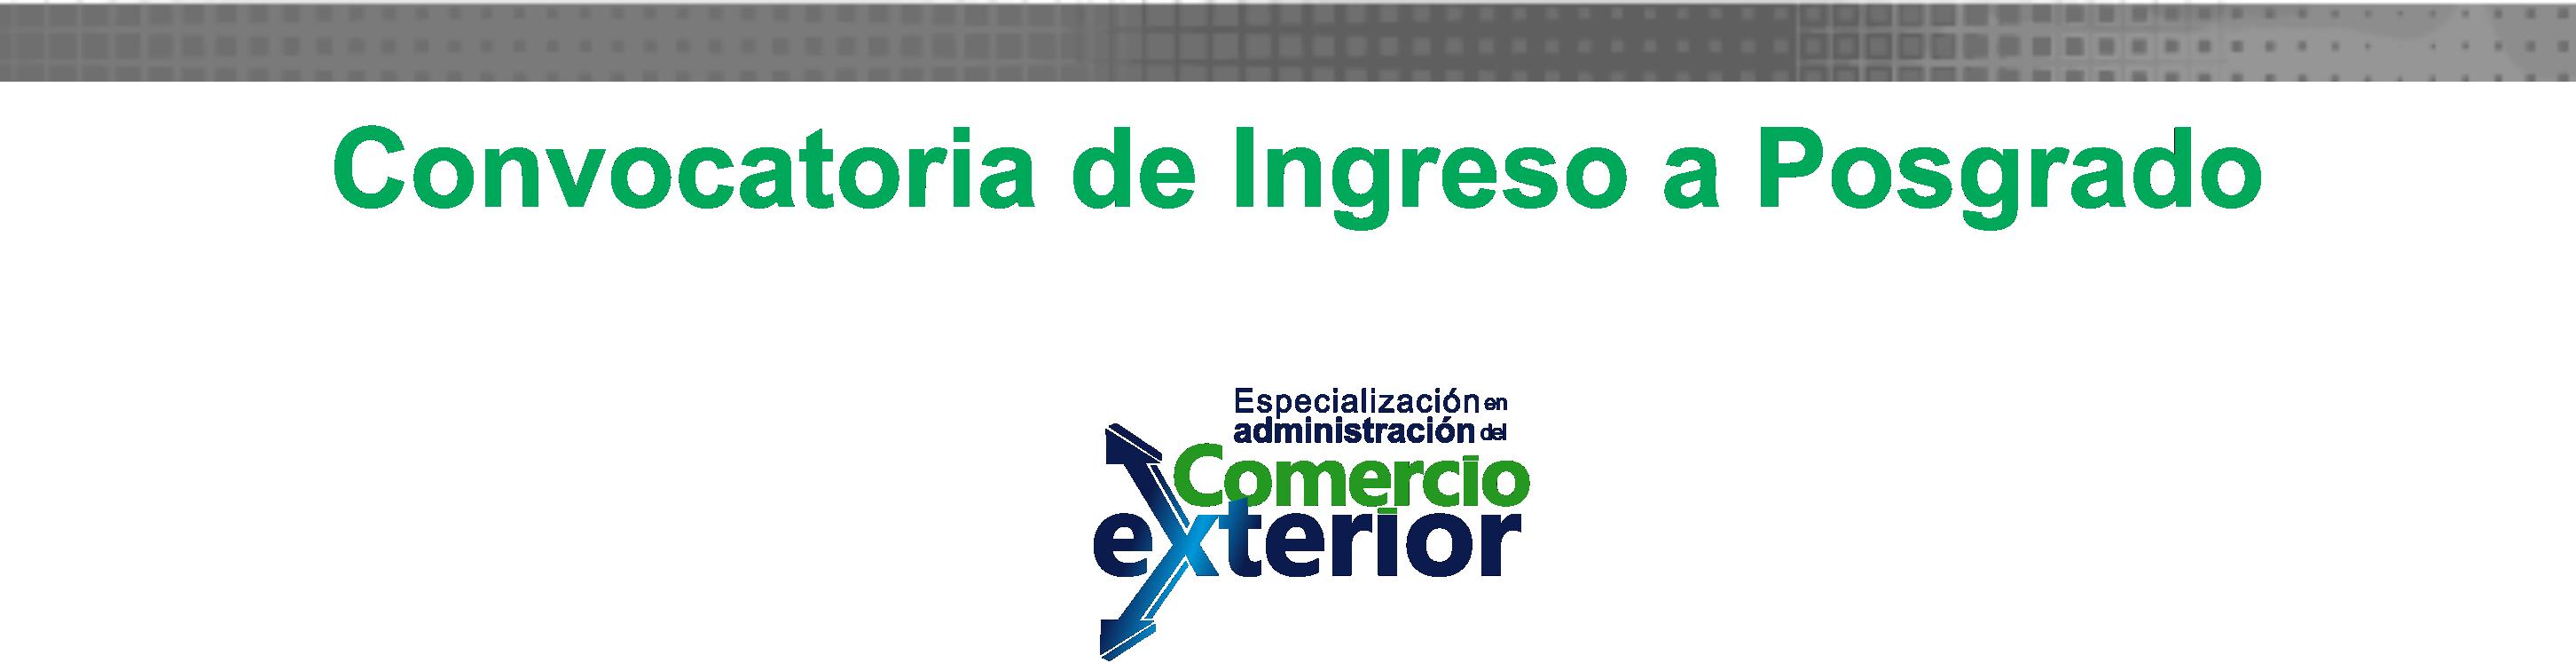 Convocatoria De Ingreso A Posgrado Agosto 2018 Especializaci N En Administraci N Del Comercio